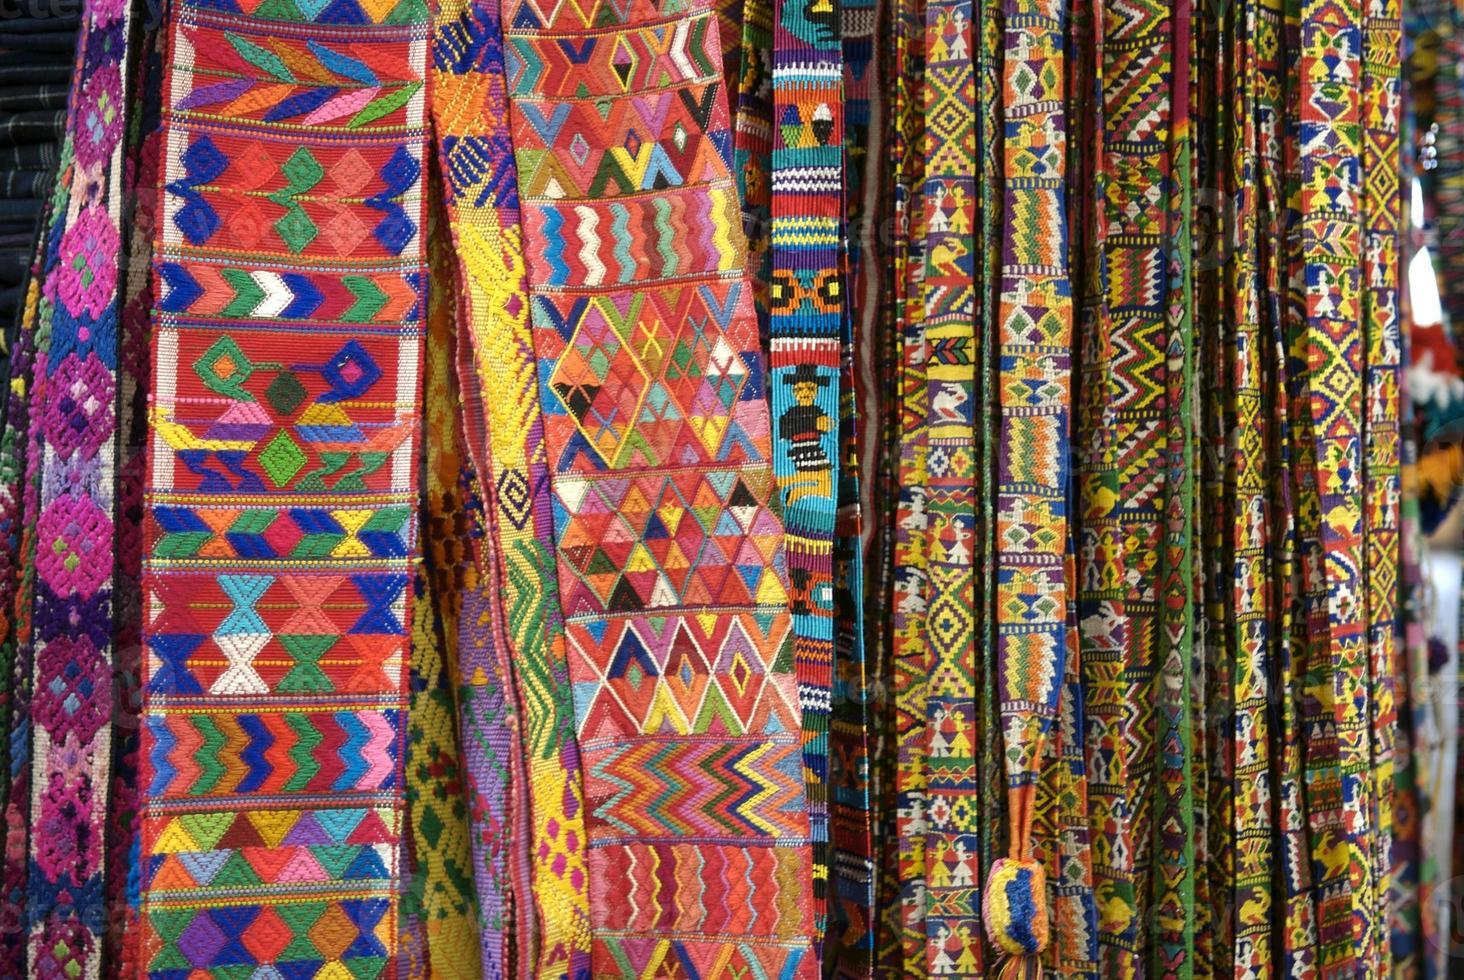 tejido guatemalteco foto